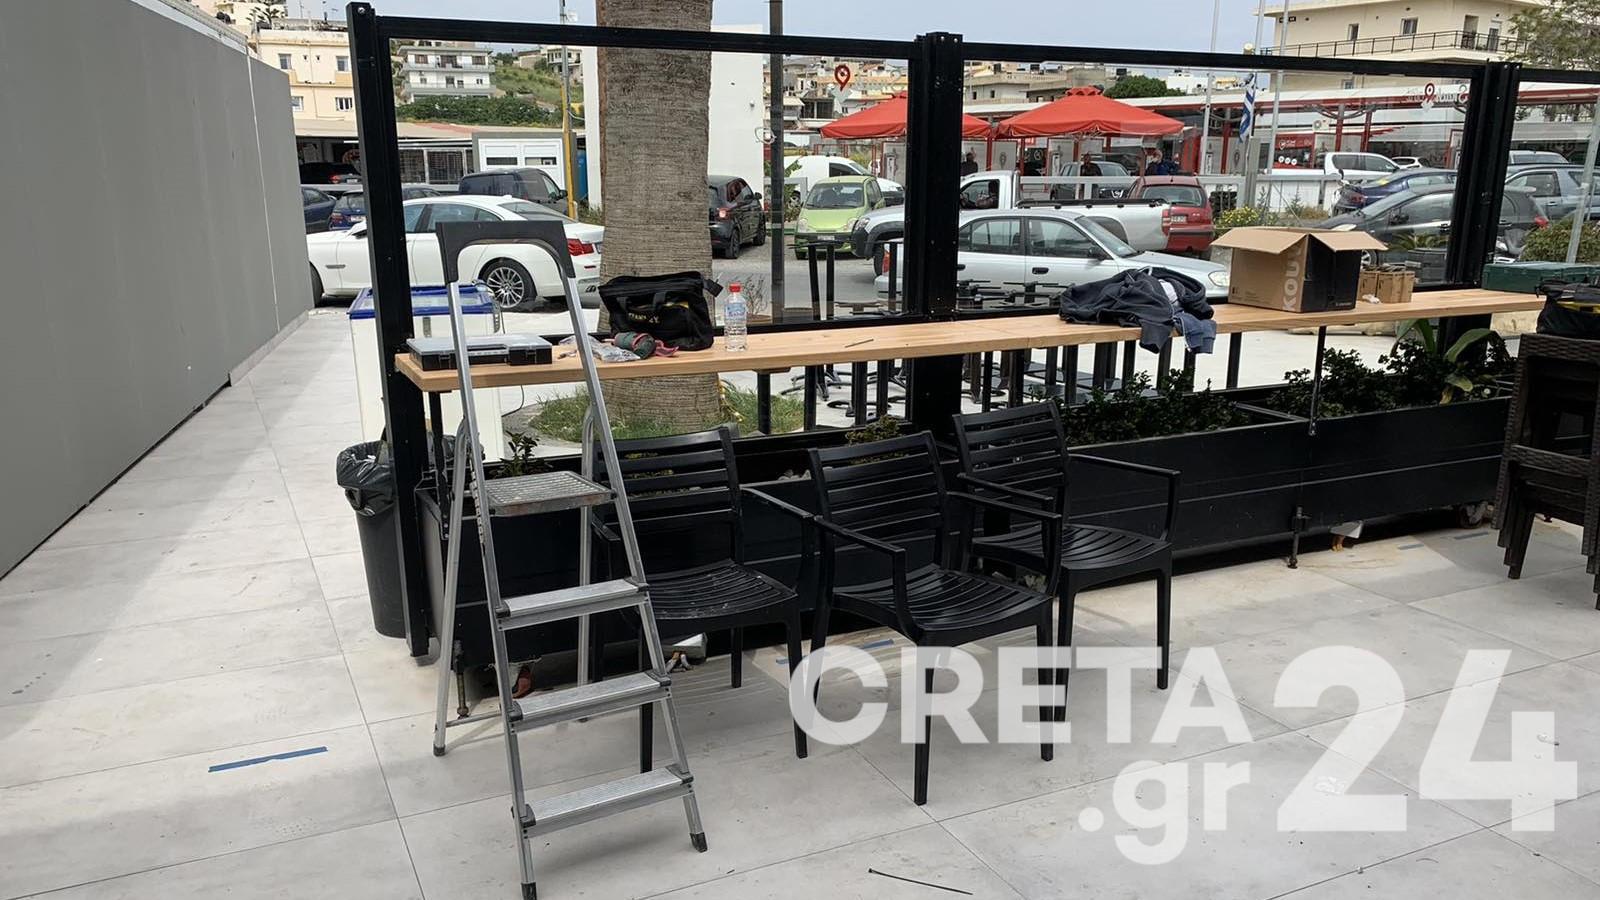 Κρήτη: Πυρετώδεις προετοιμασίες για το άνοιγμα της εστίασης – Άρχισαν οι κρατήσεις (pics)